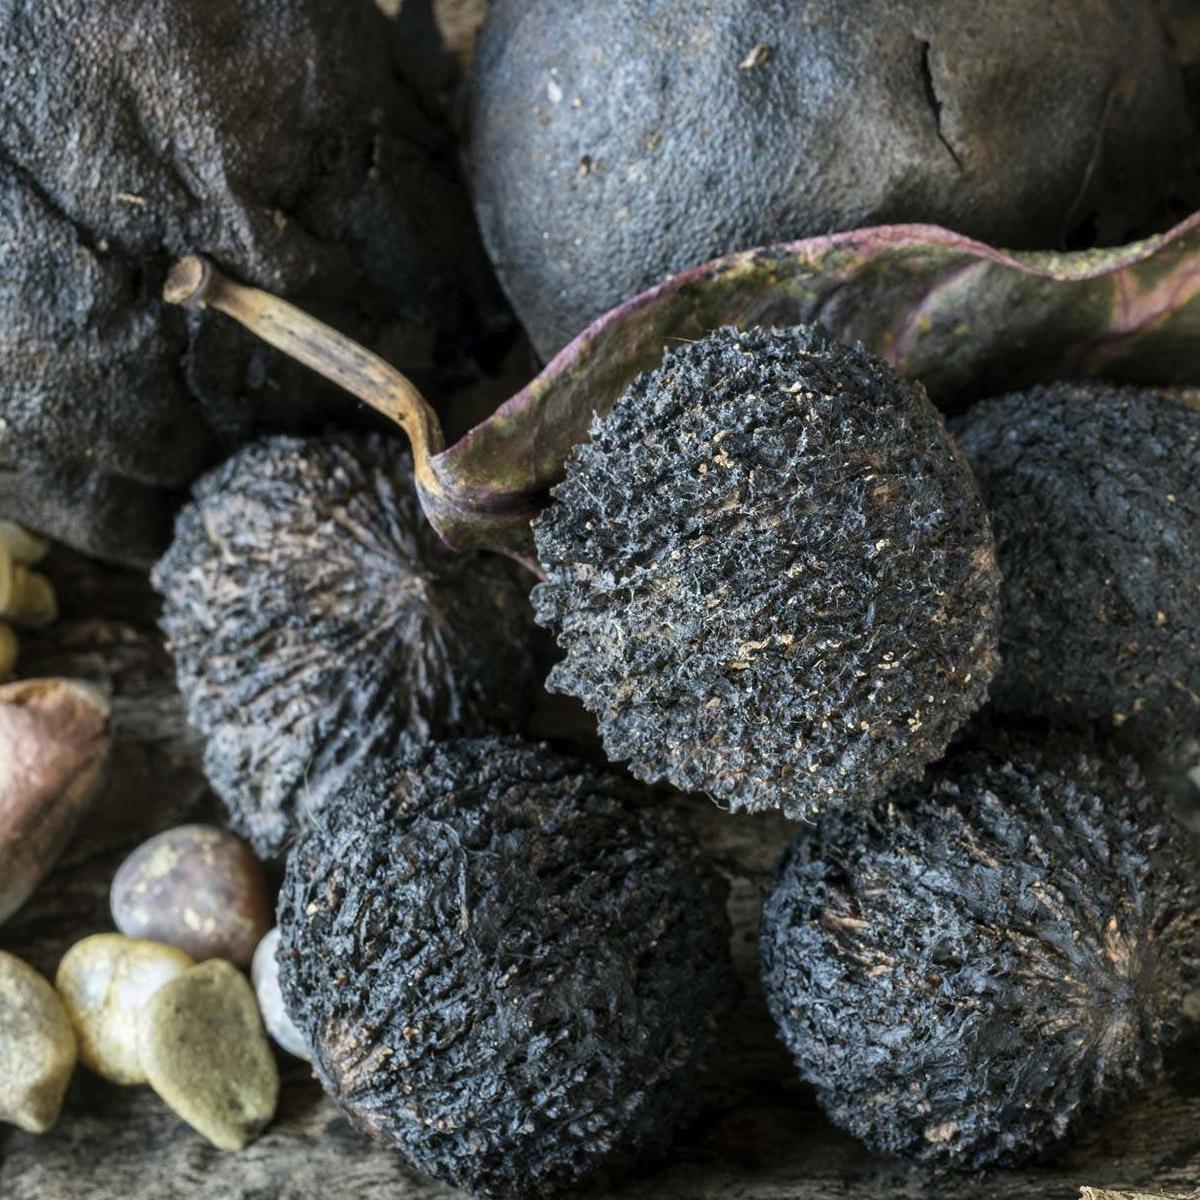 JUODASIS RIEŠUTAS – Kaip atsikratyti parazitų vartojant juodojo riešutmedžio riešutus